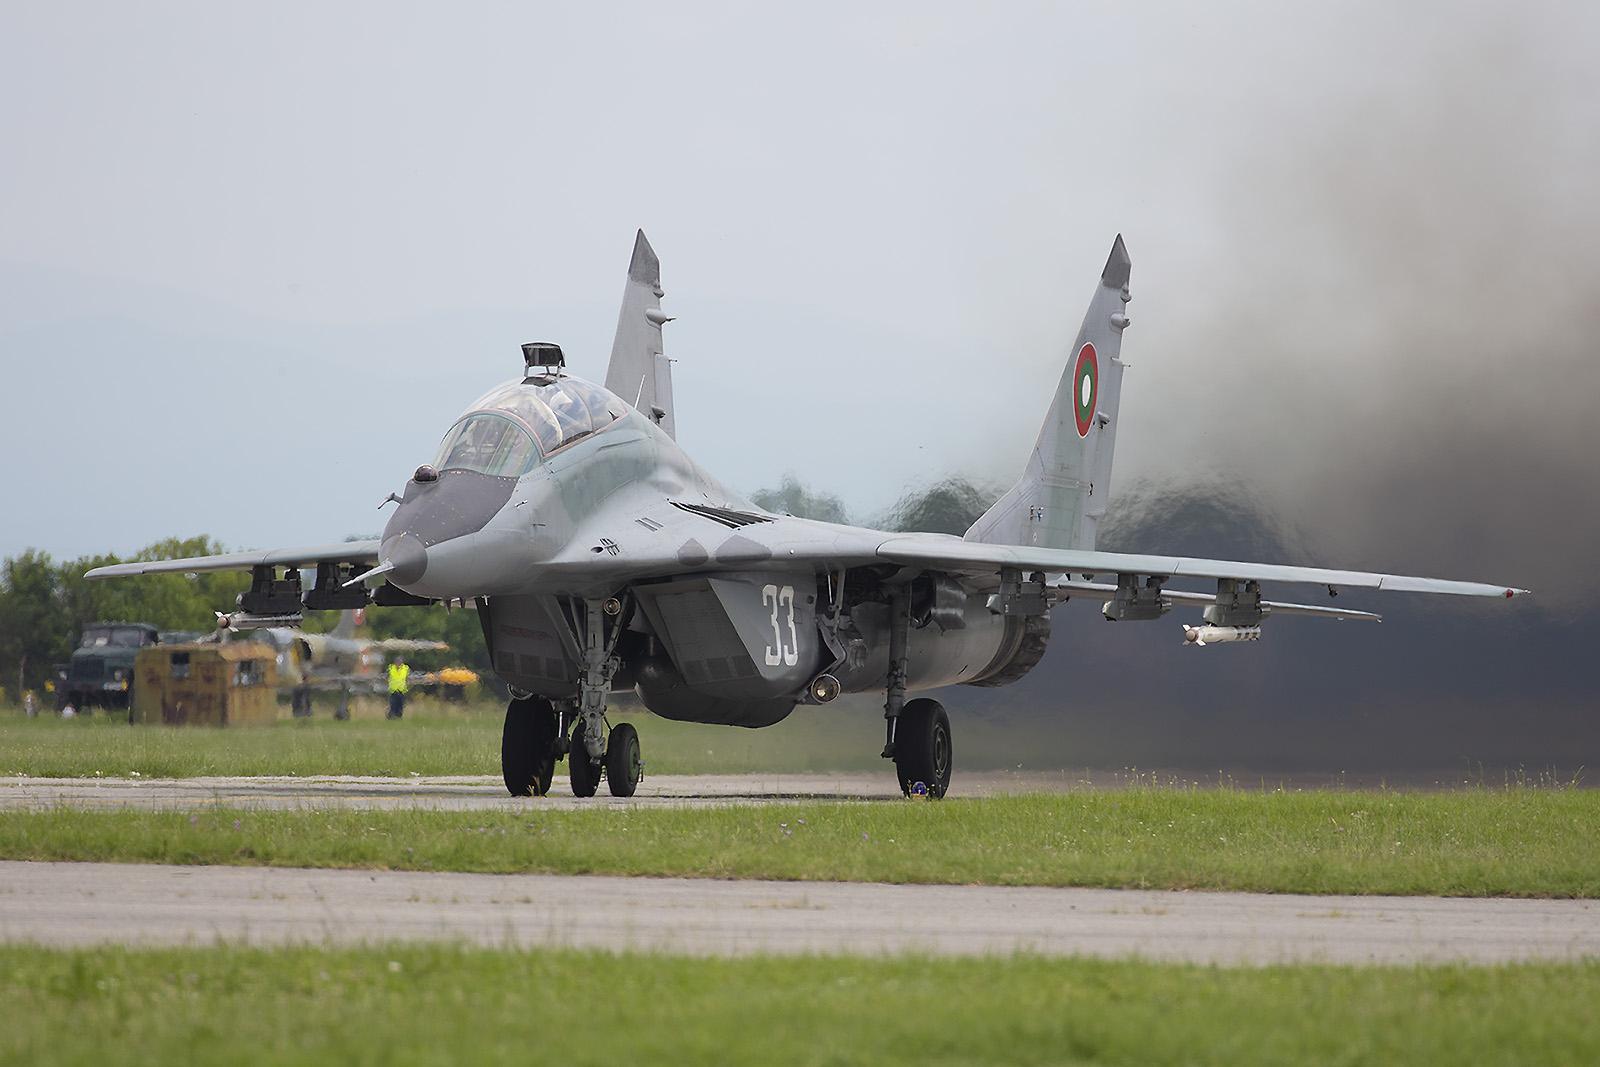 Einer der Stars am Himmel seit drei Jahrzehnten, die MiG-29 Fulcrum.